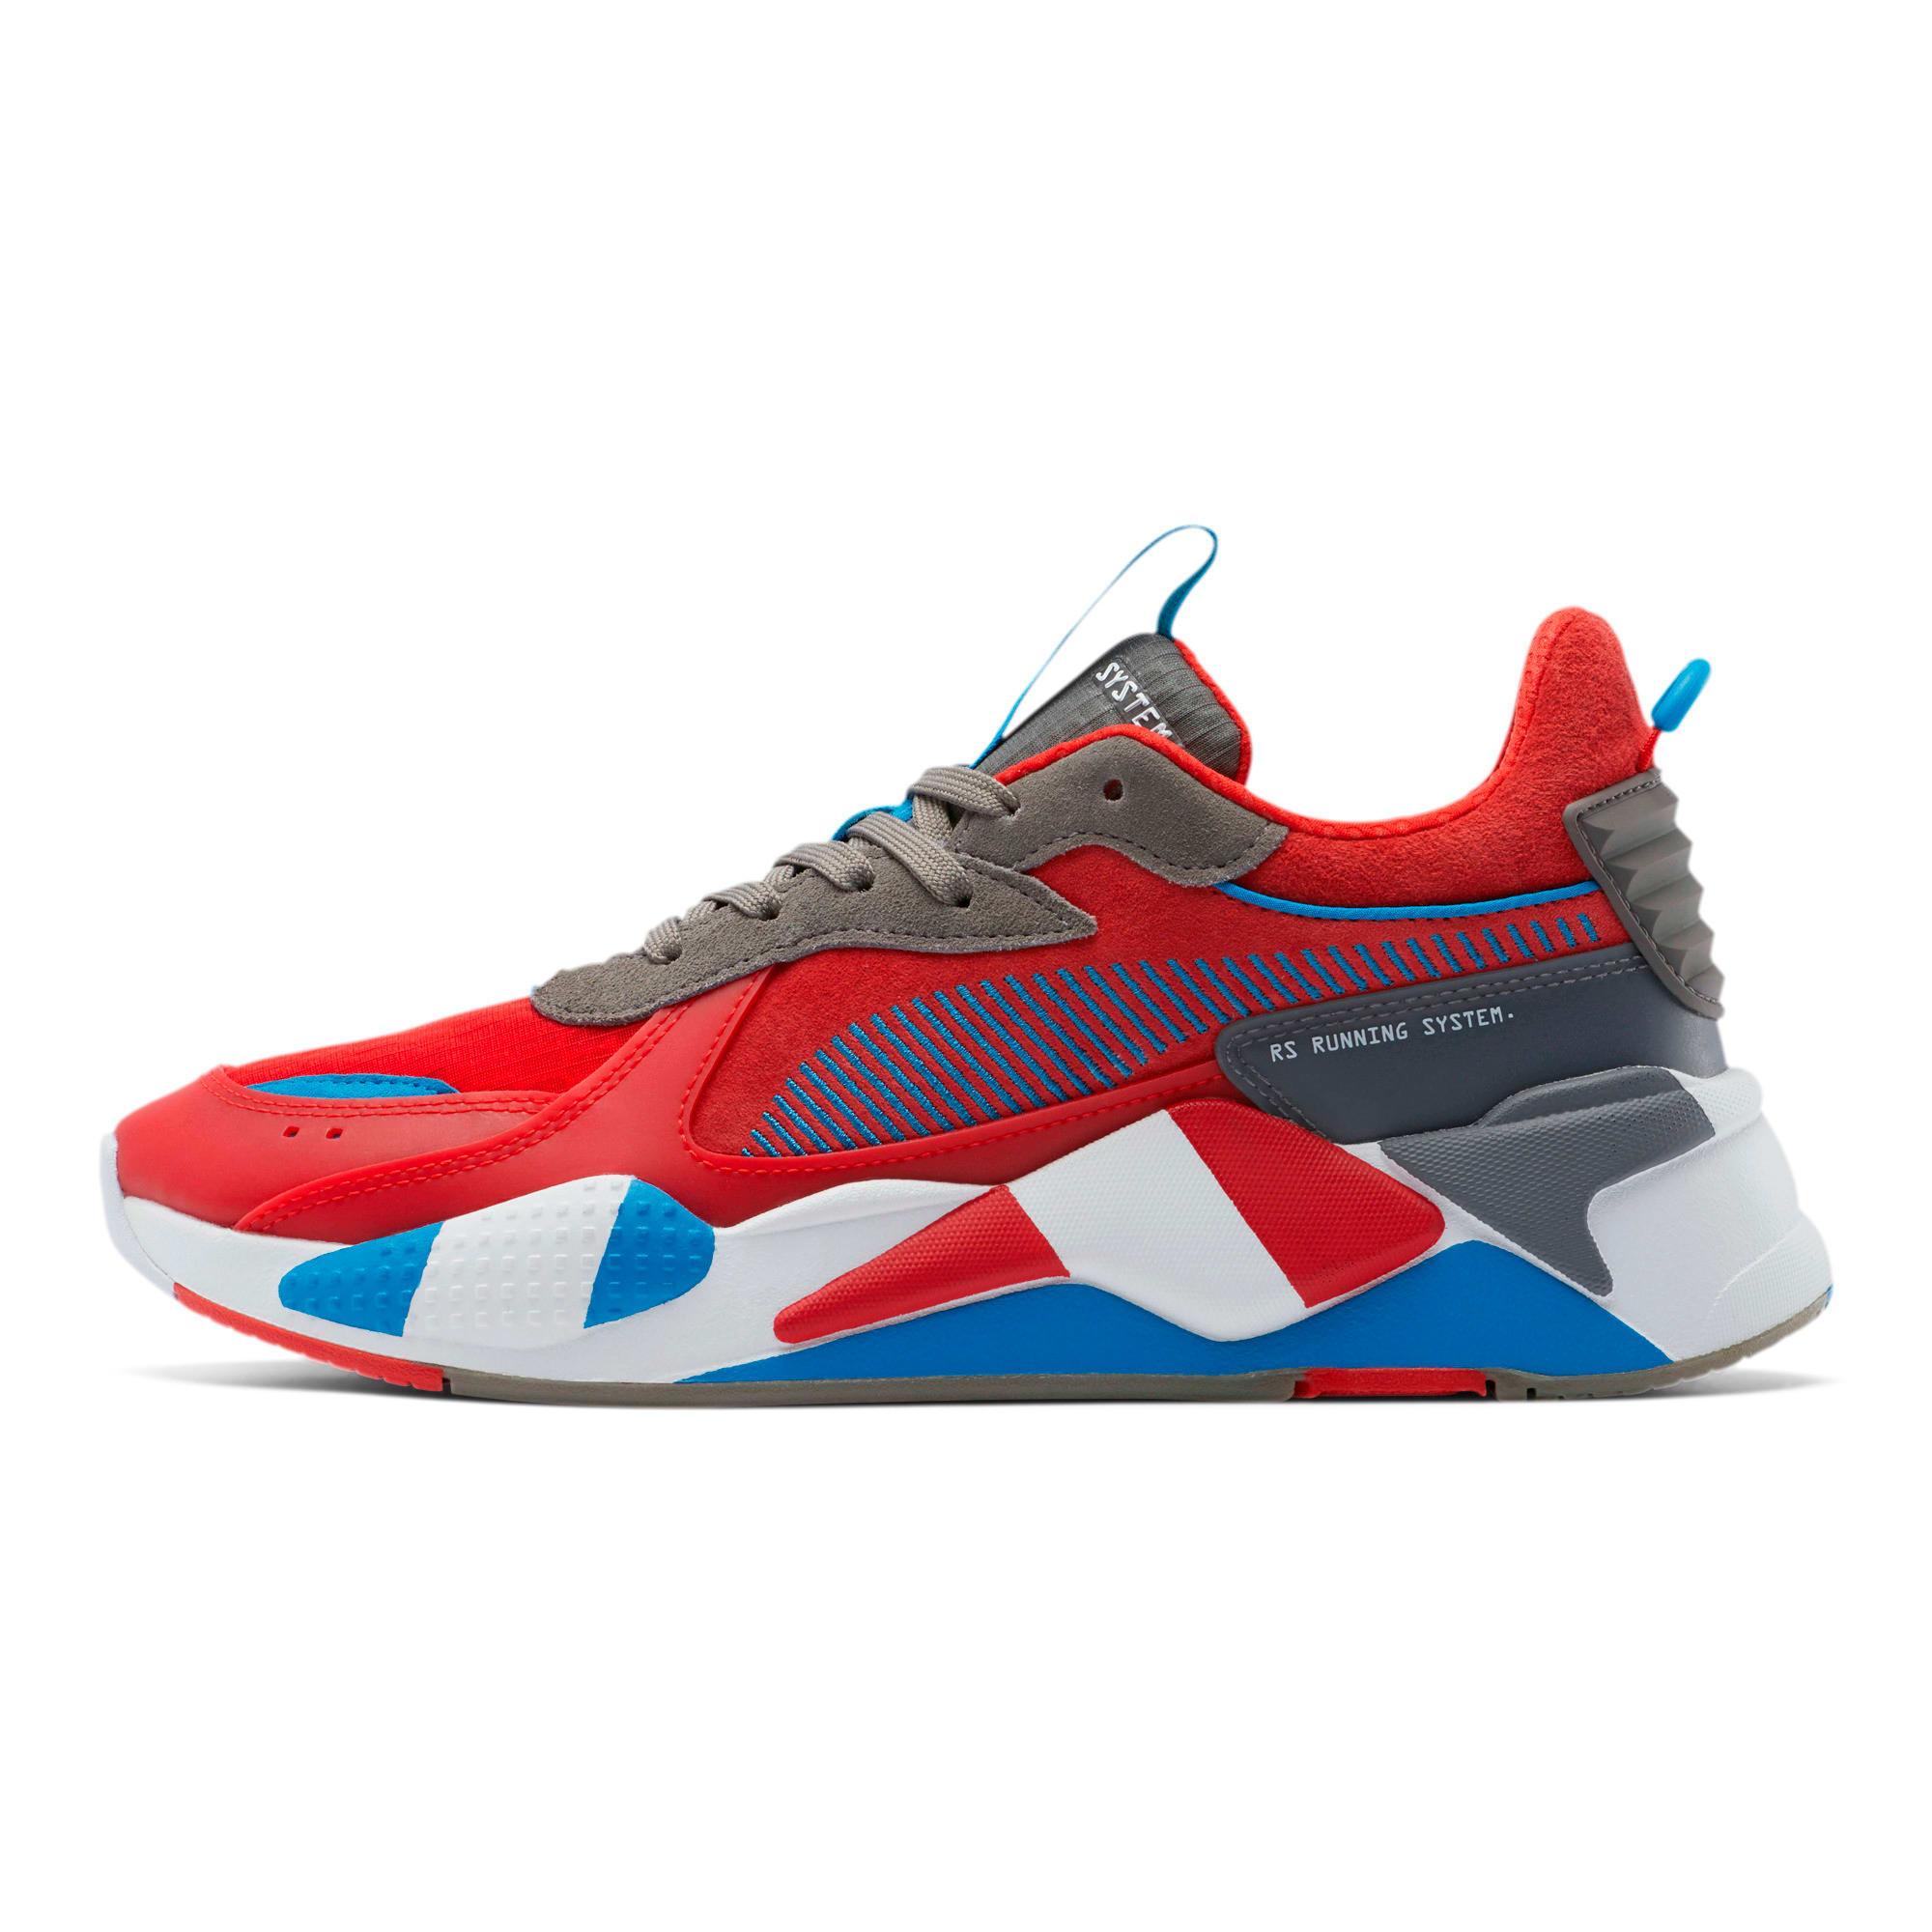 Miniatura 1 de Zapatos deportivos RS-X Retro, Red-Steel Gray-Indigo, mediano